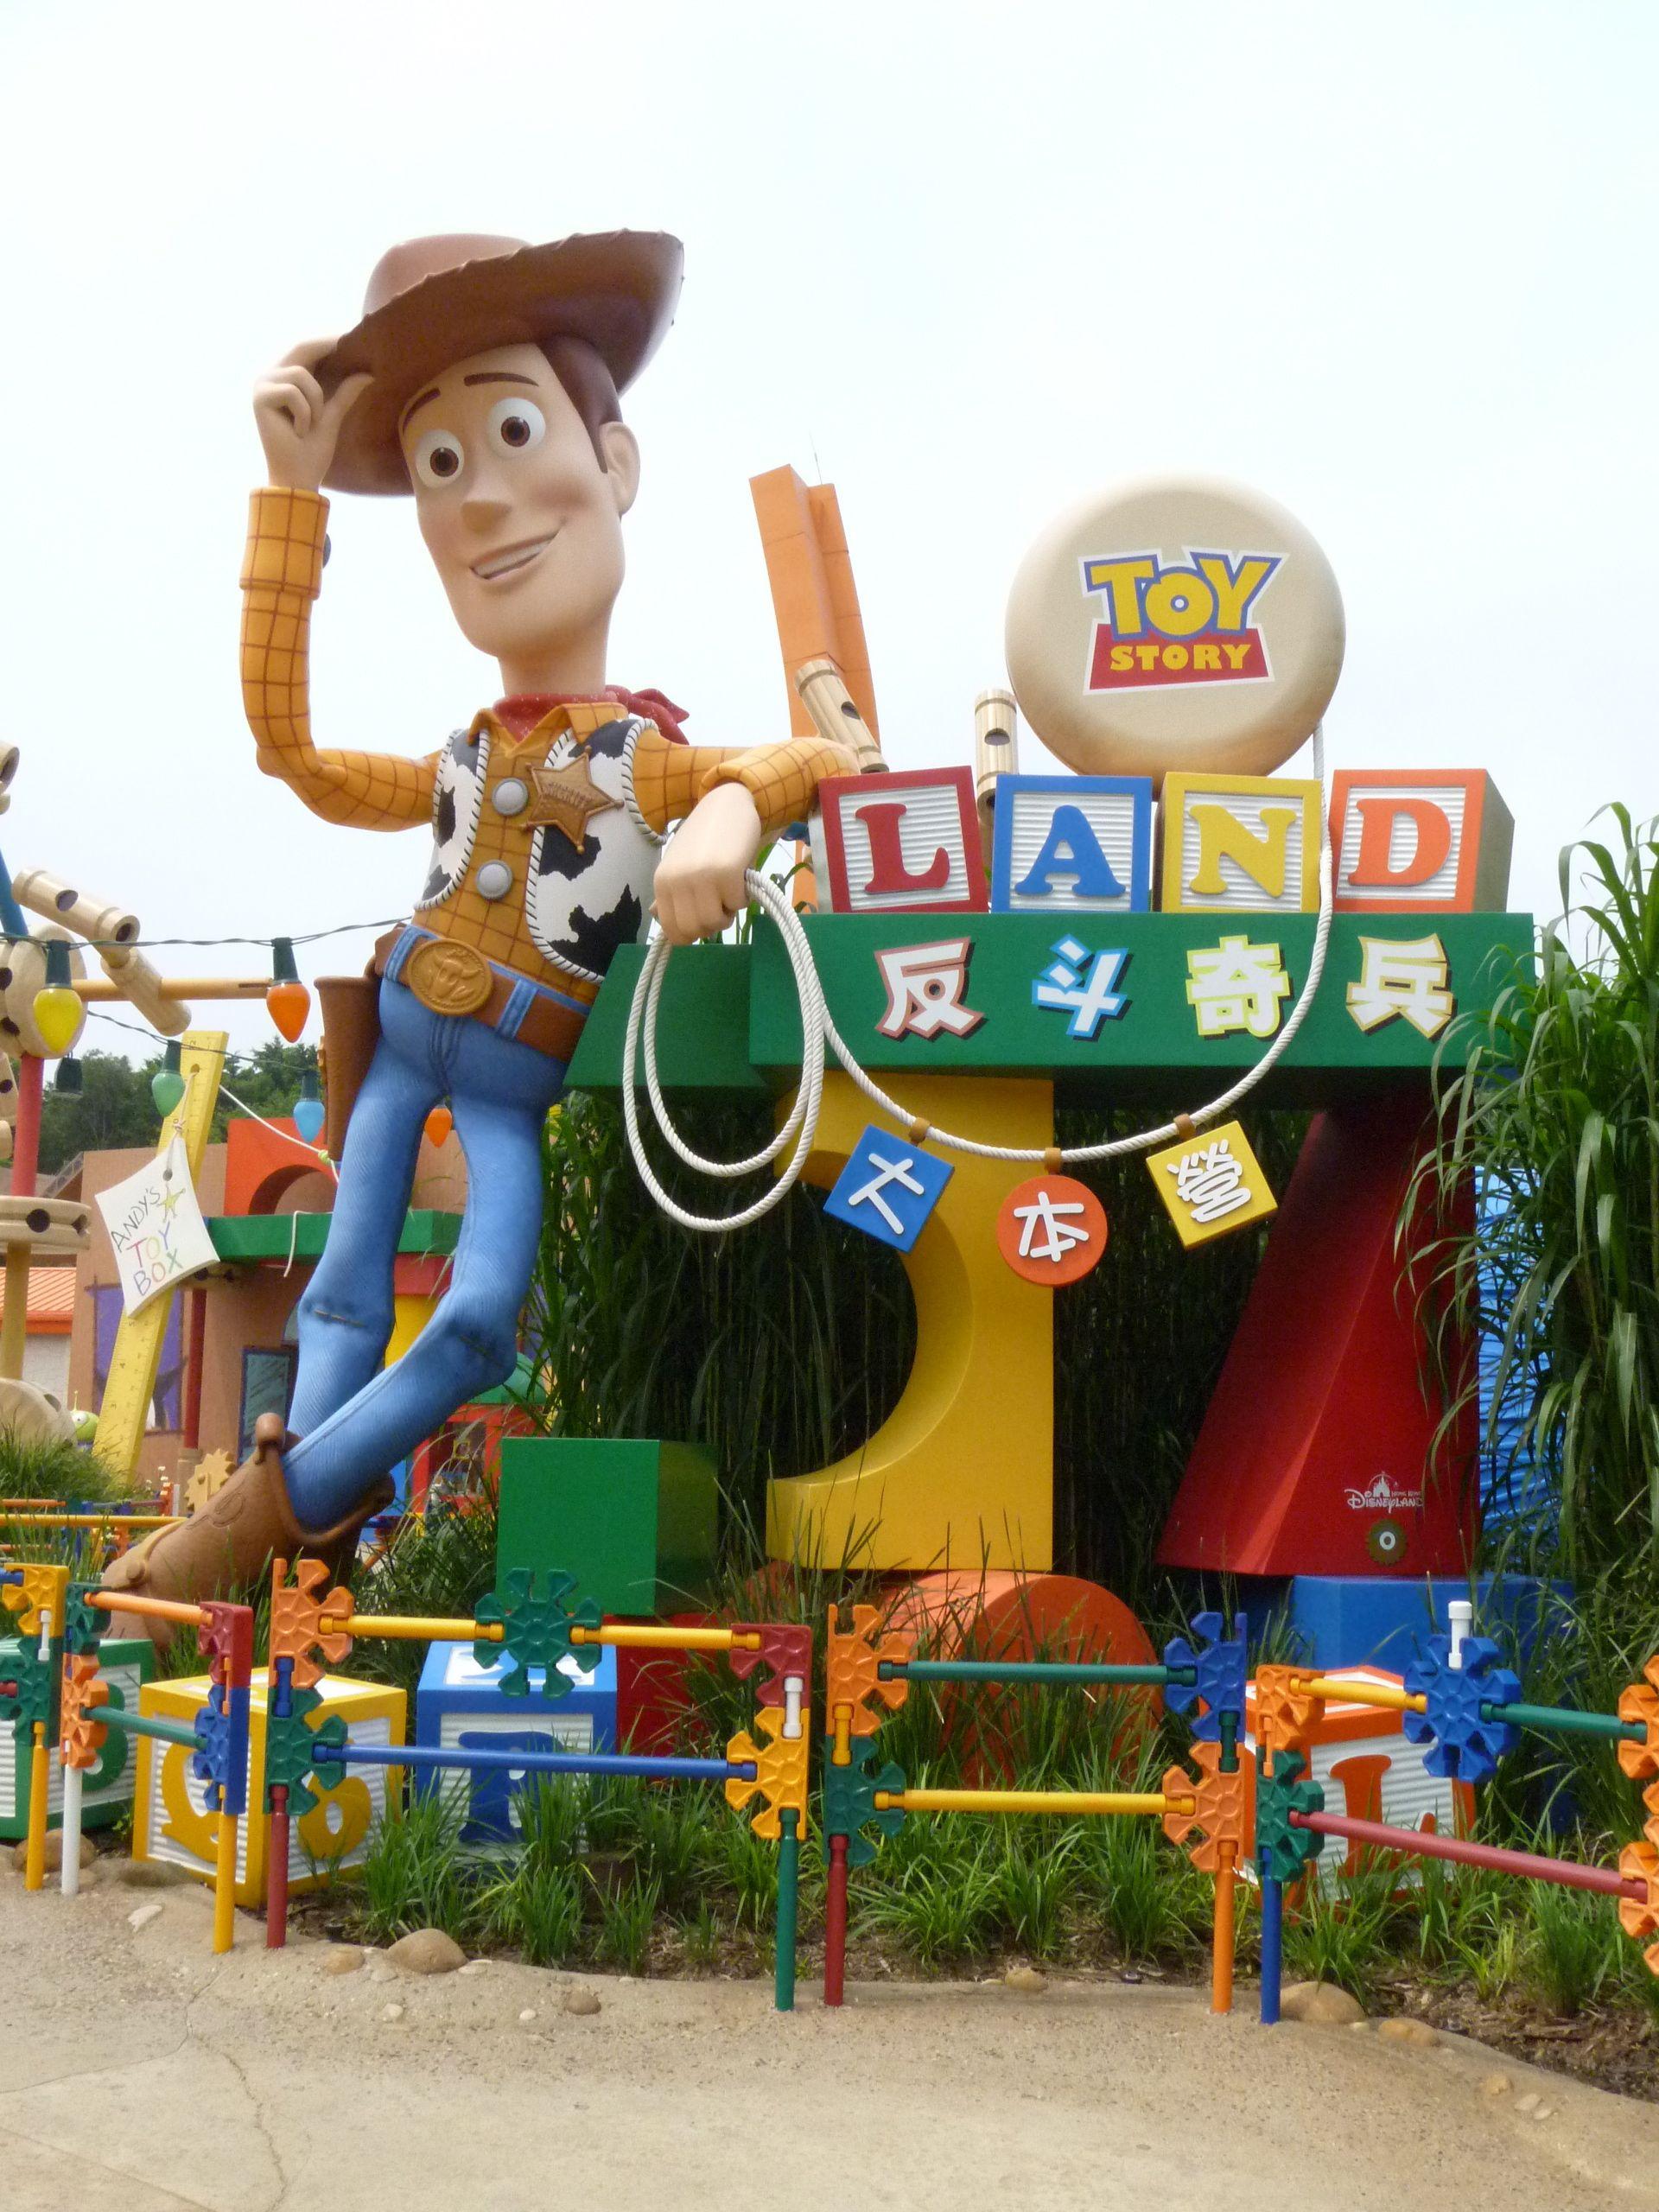 Toy Story Weenie Dog